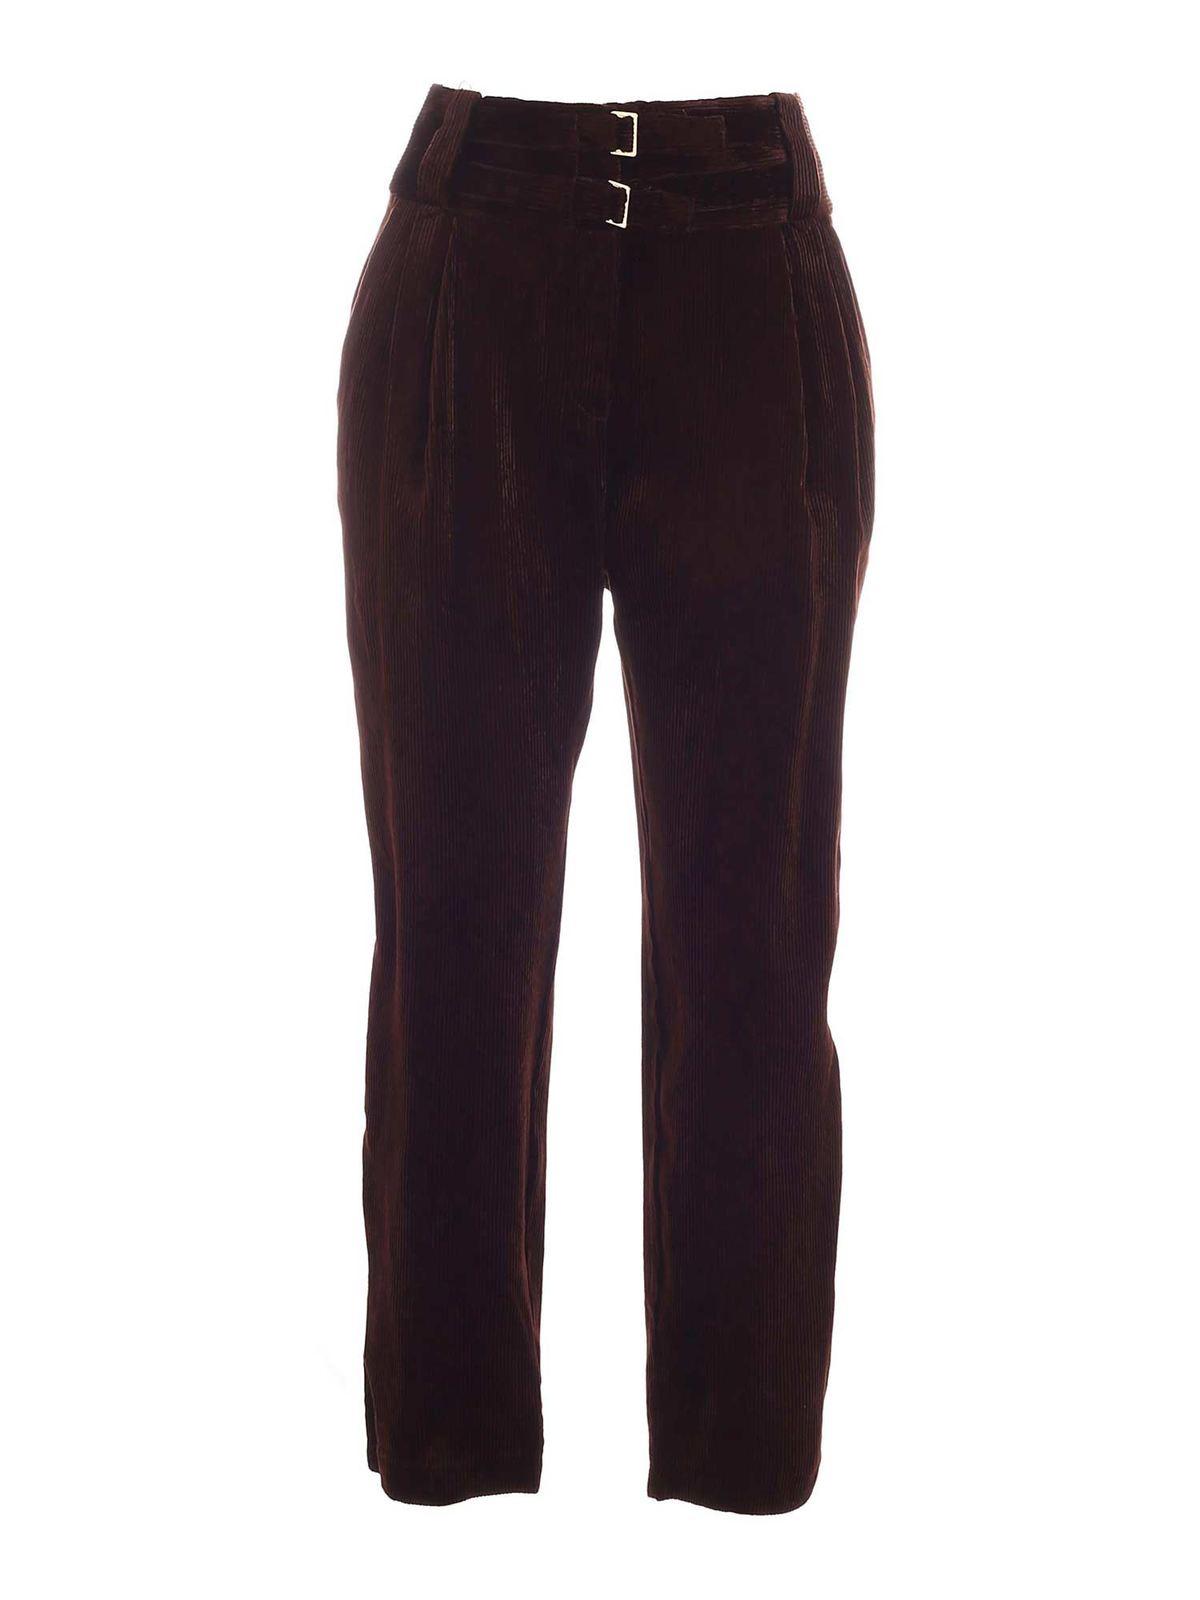 Pinko CORDUROY PANTS IN BROWN